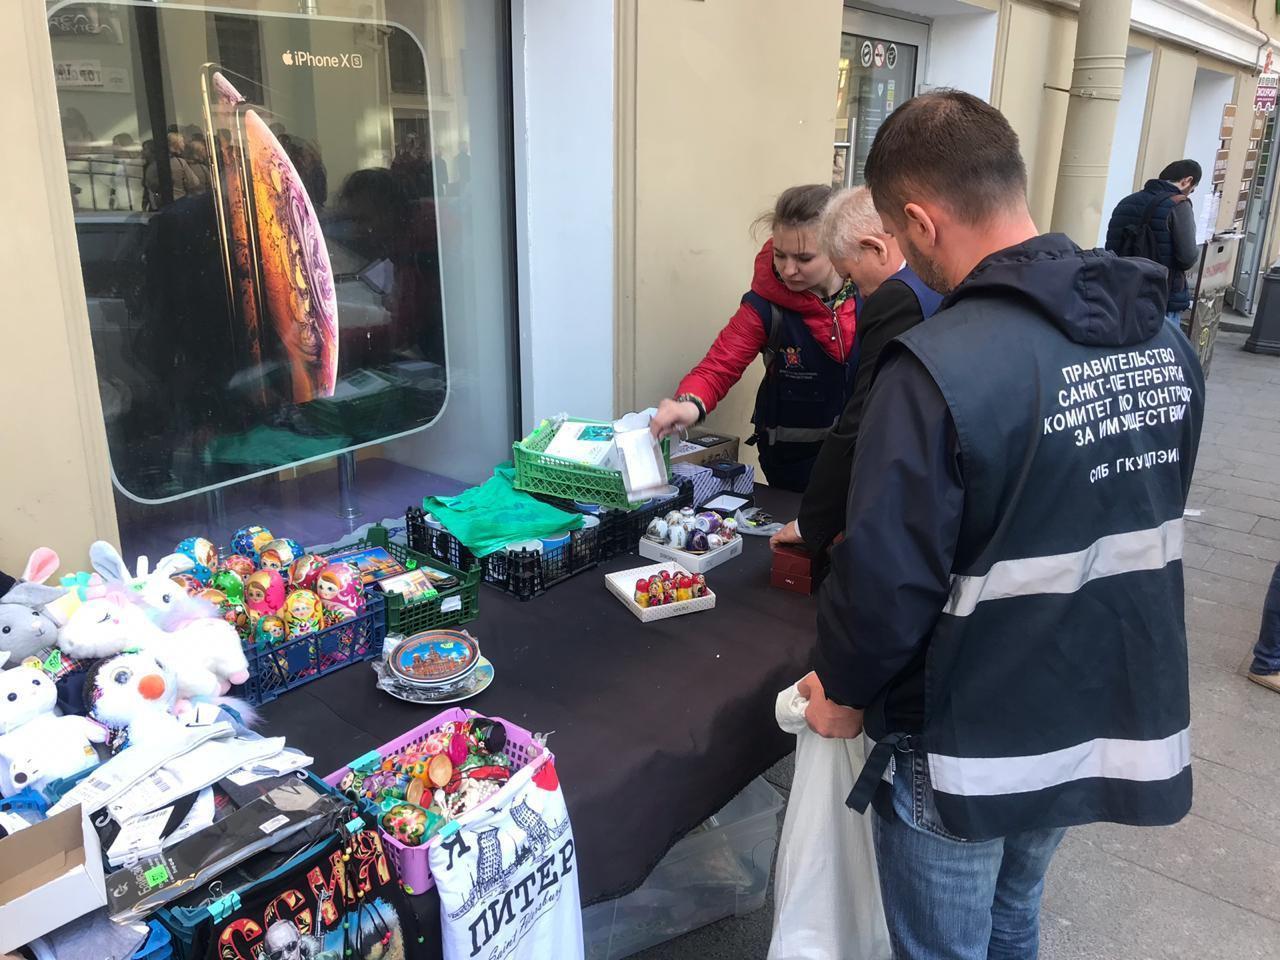 фото ЗакС политика Сотрудники ККИ прогнали продавцов-нелегалов из центра Петербурга